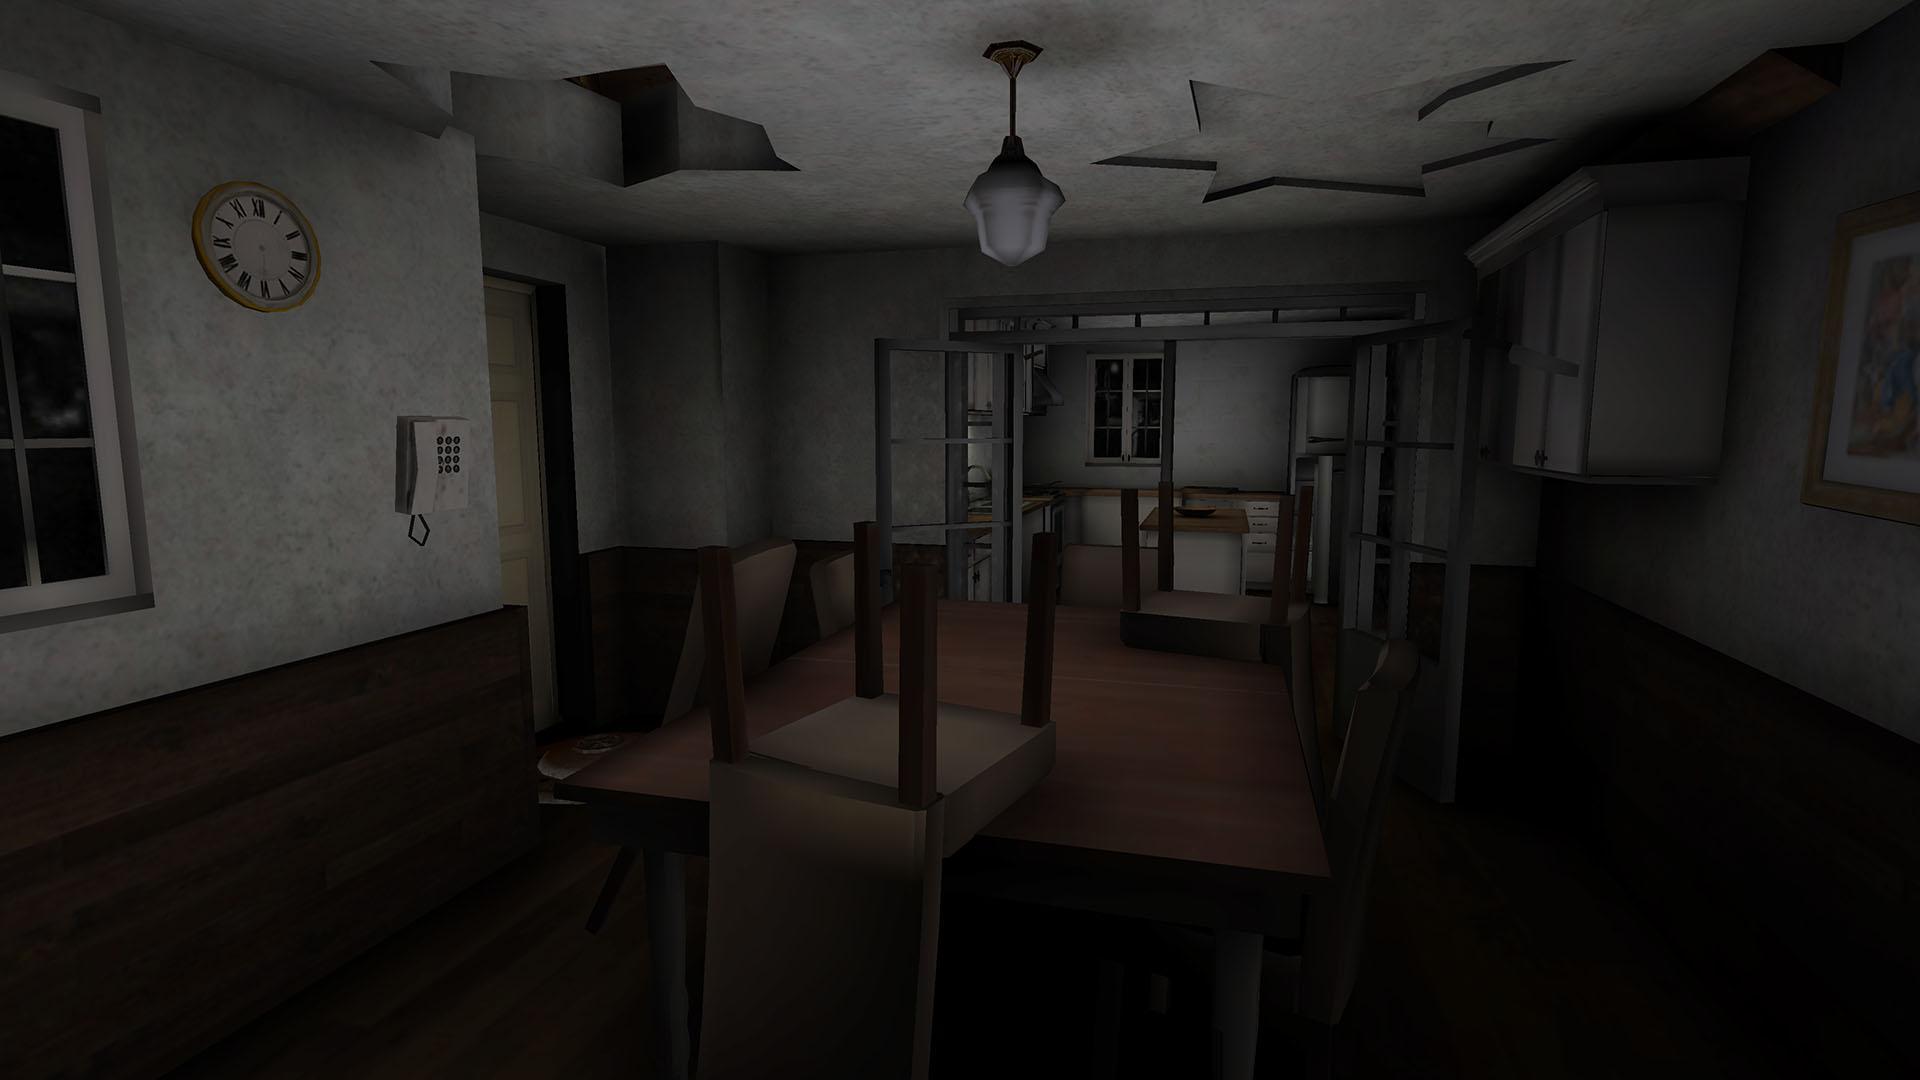 Dark Internet: ¡Juego de terror y supervivencia! 1.1.0 Screenshot 17